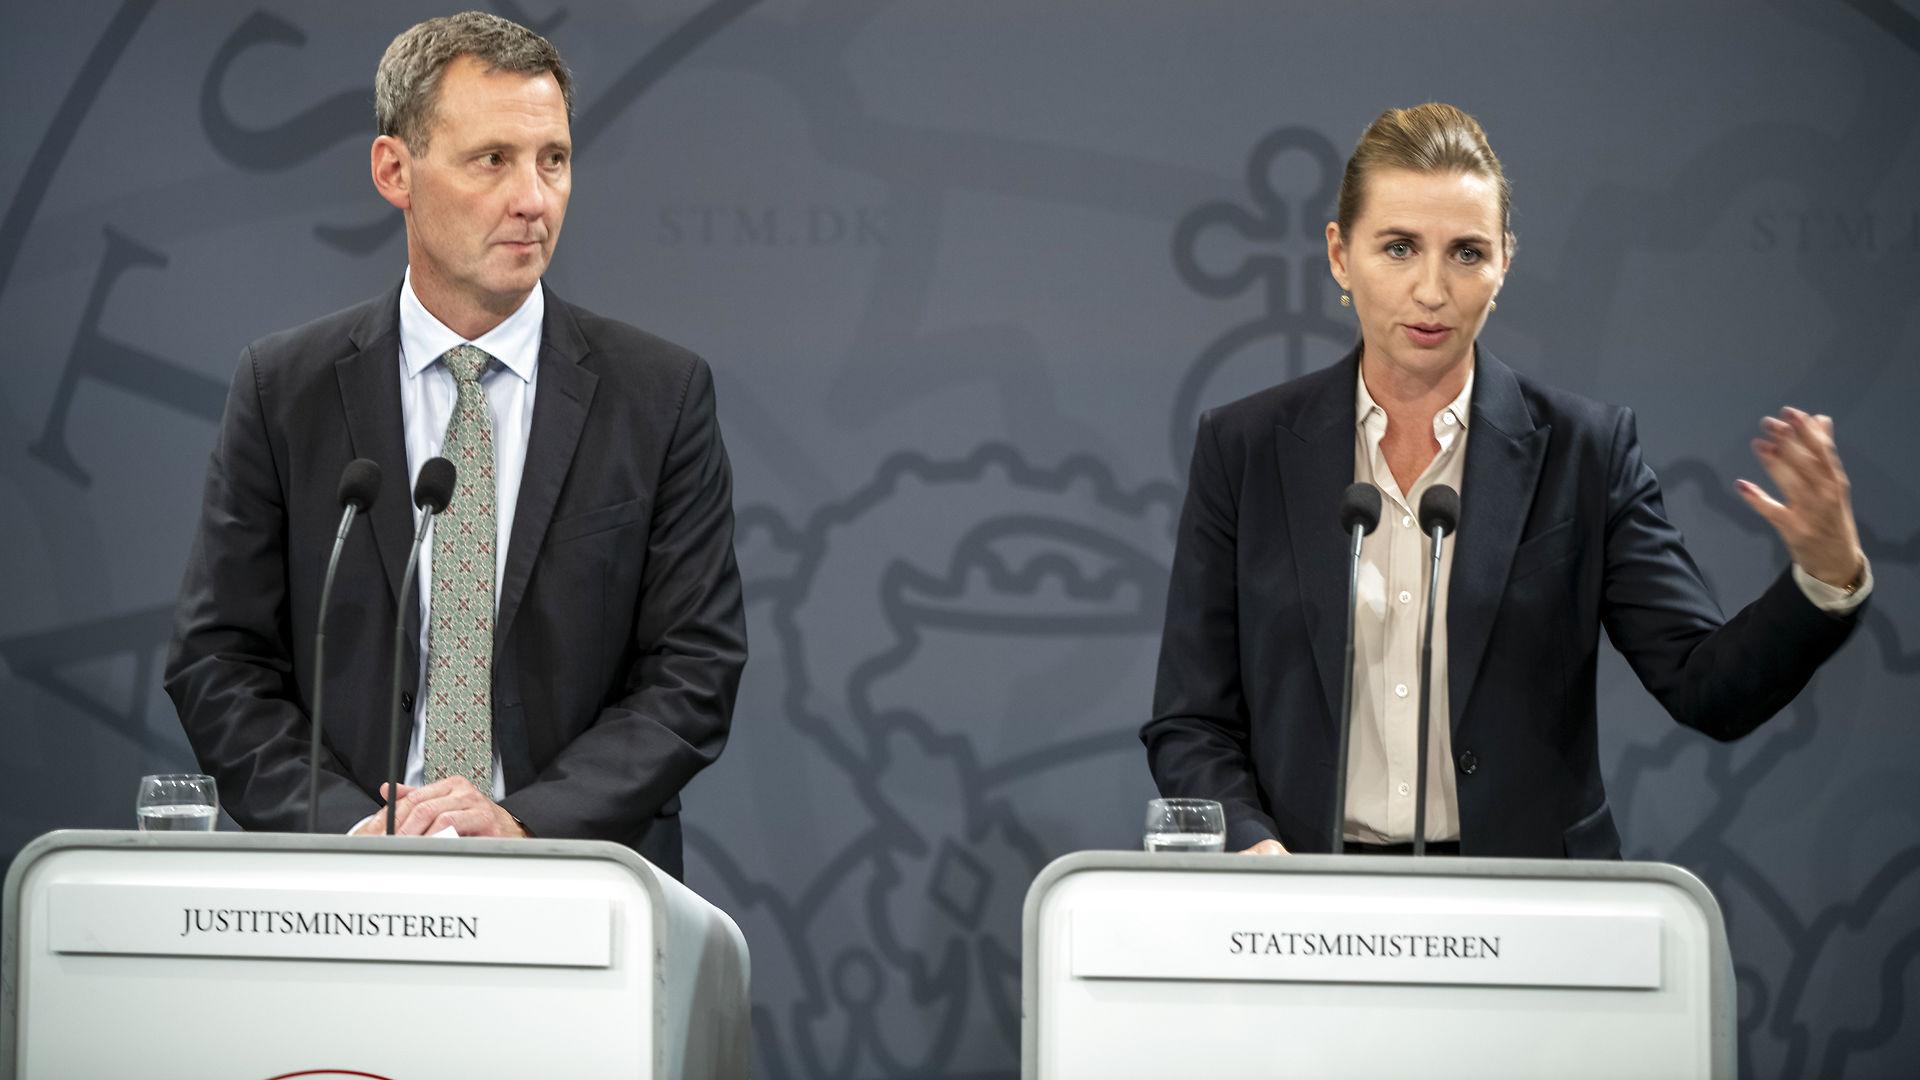 Asbjørn Ammitzbøll Flügge om overvågning: Regeringen vil ofre privatlivets fred for en falsk tryghed. Det er et angreb på vores rettigheder